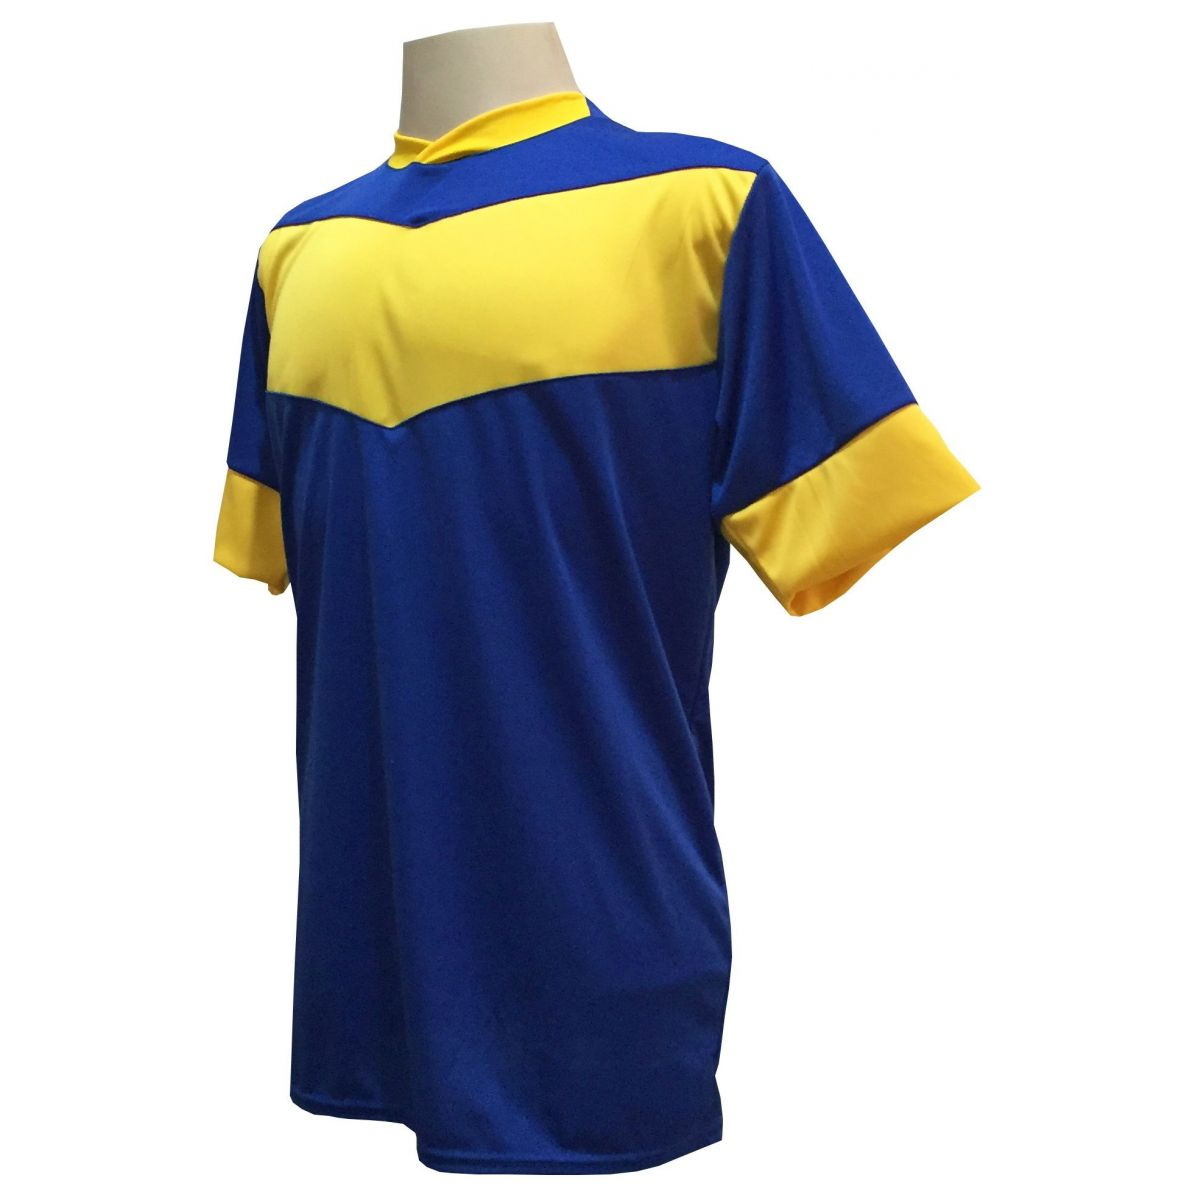 Fardamento Completo modelo Columbus 18+2 (18 Camisas Royal/Amarelo + 18 Calções Madrid Royal + 18 Pares de Meiões Royal + 2 Conjuntos de Goleiro) + Brindes